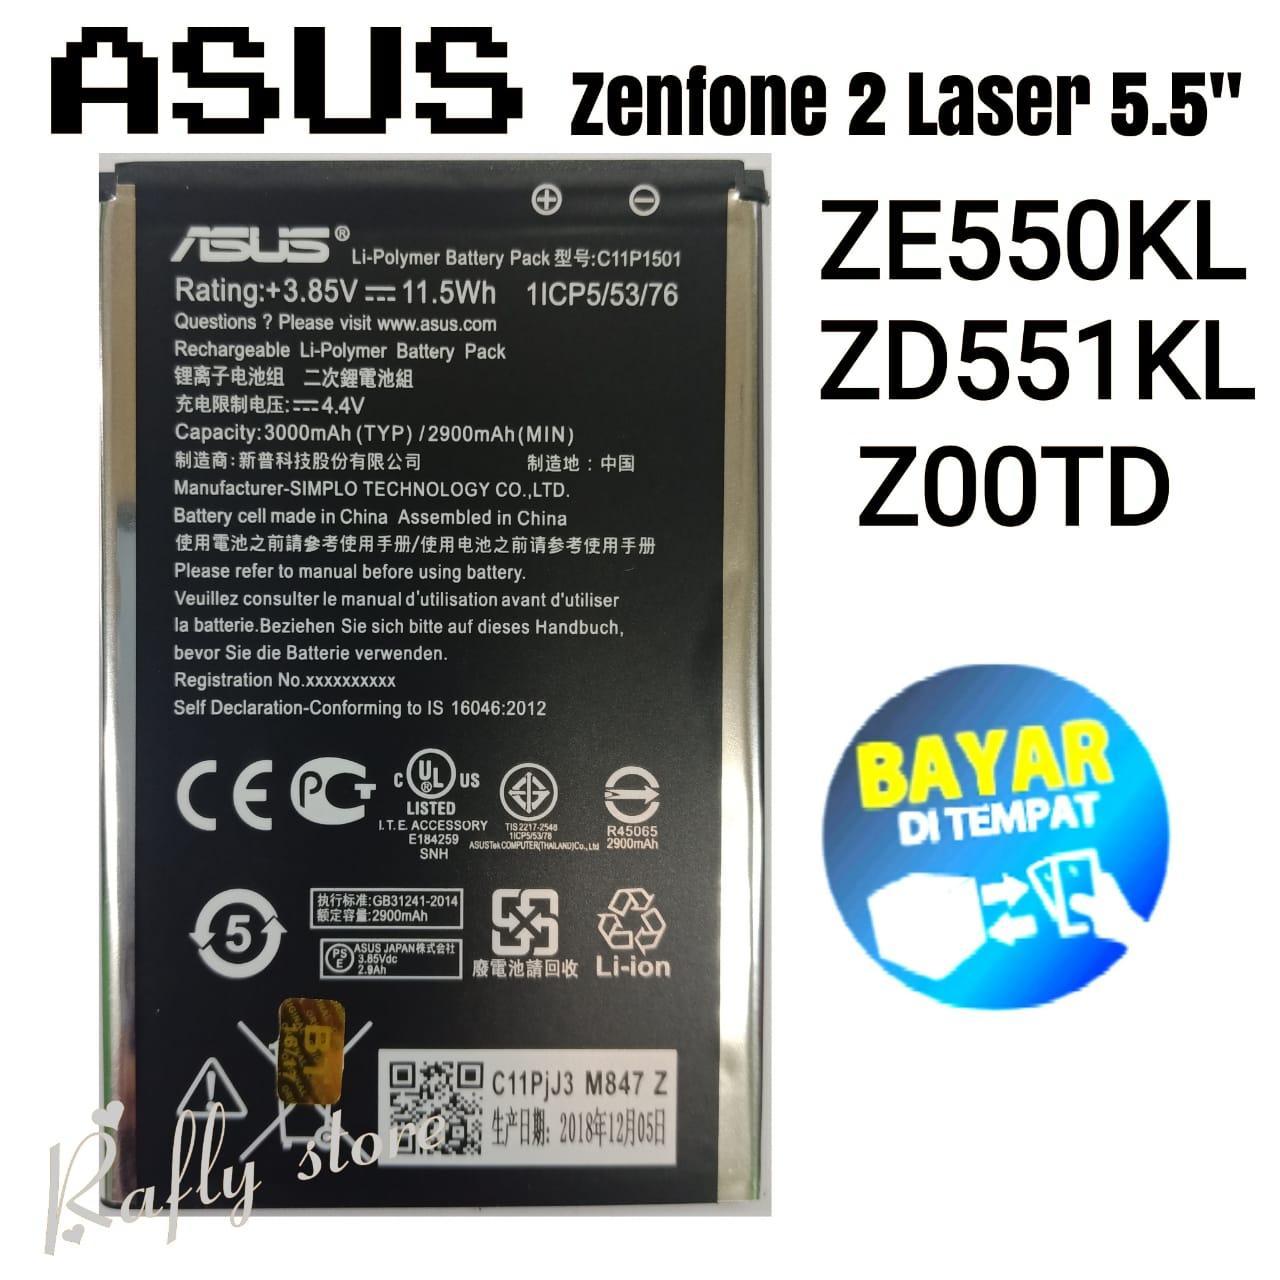 A/R; Batrai ASUS ZENFONE 2 LASER 5.5 Inch (C11P1501) Baterai Handphone Batre Android Battery ASUS ZENFONE 2 LASER 5.5 Inch ZE550KL (1ICP5/53/76) 3000mAh / Angga/Rafly Aksesoris